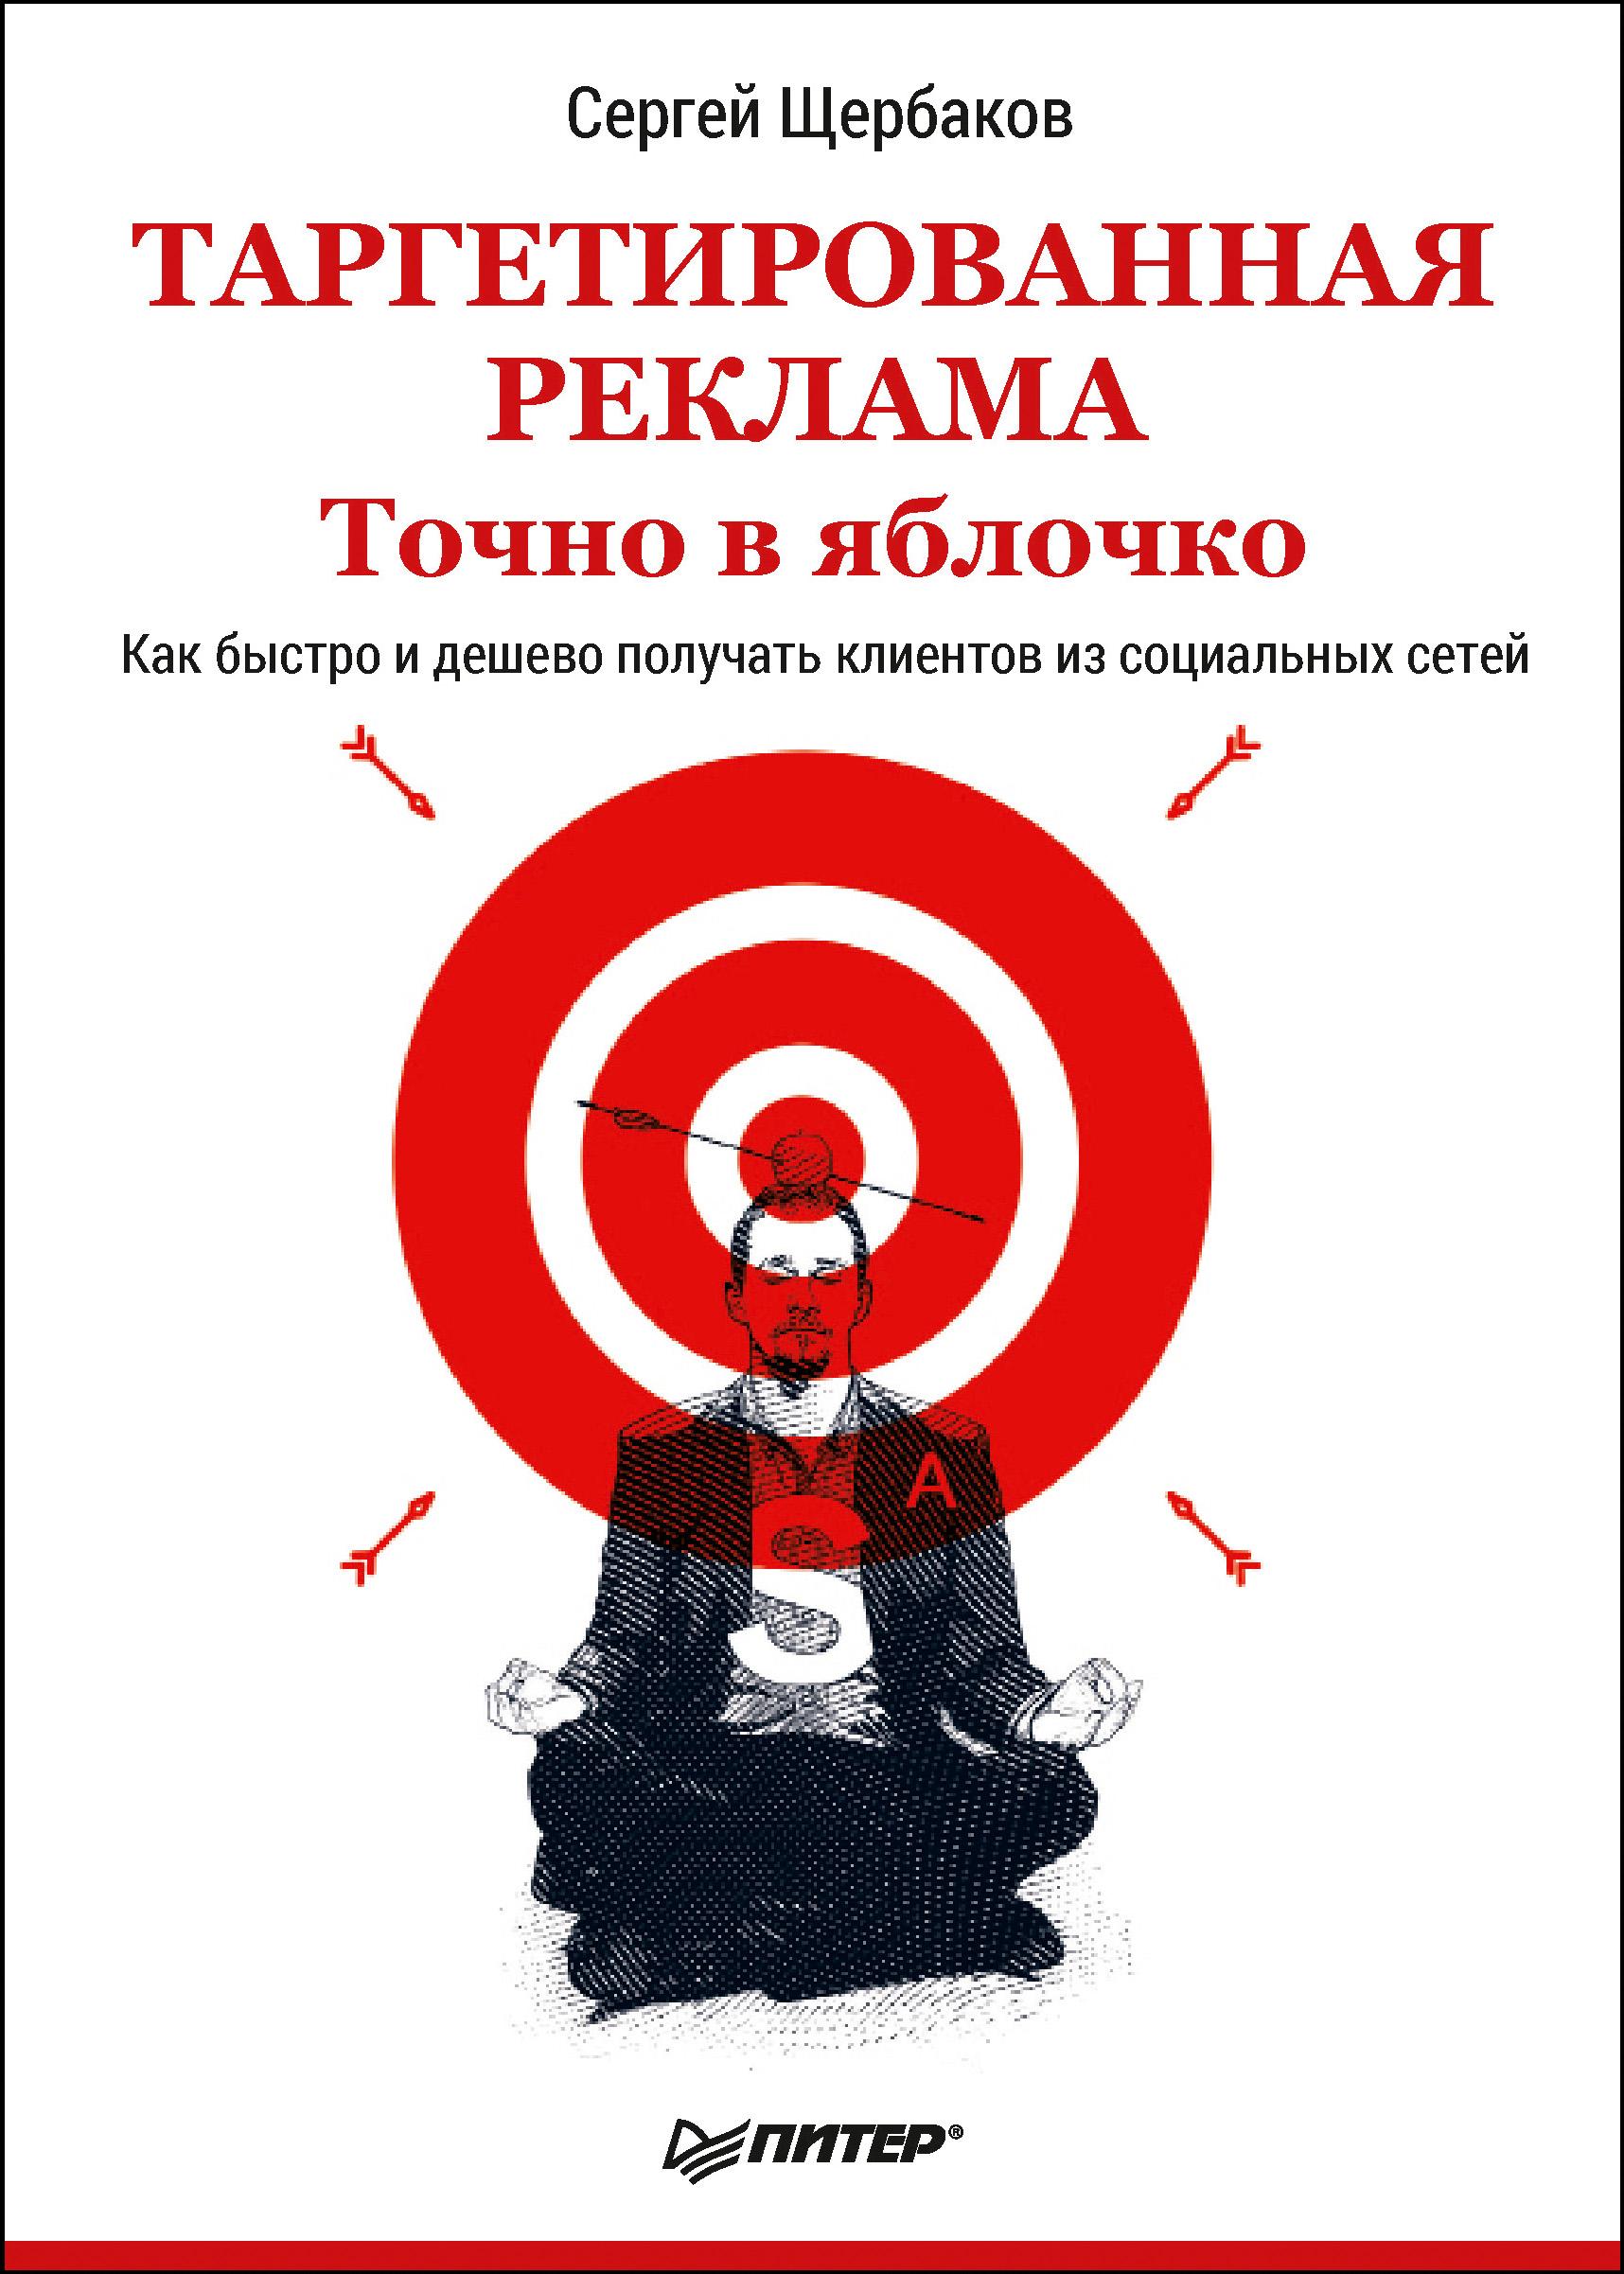 Обложка книги. Автор - Сергей Щербаков